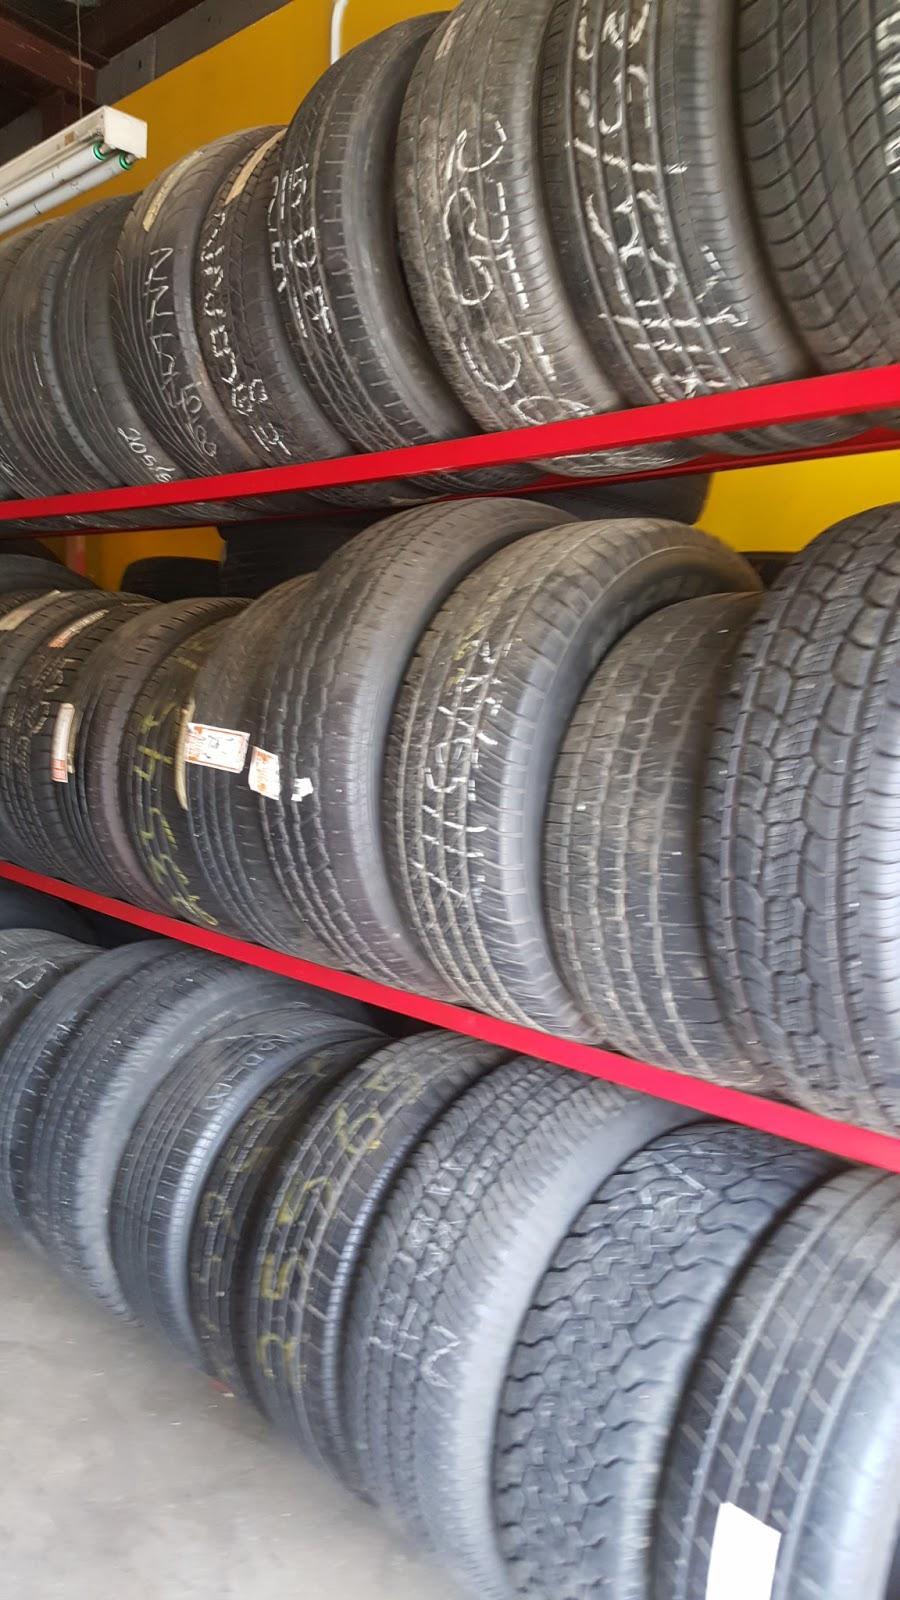 Kansas City Truck Repair - car repair  | Photo 8 of 8 | Address: 1516 N 13th St, Kansas City, KS 66102, USA | Phone: (816) 645-5168